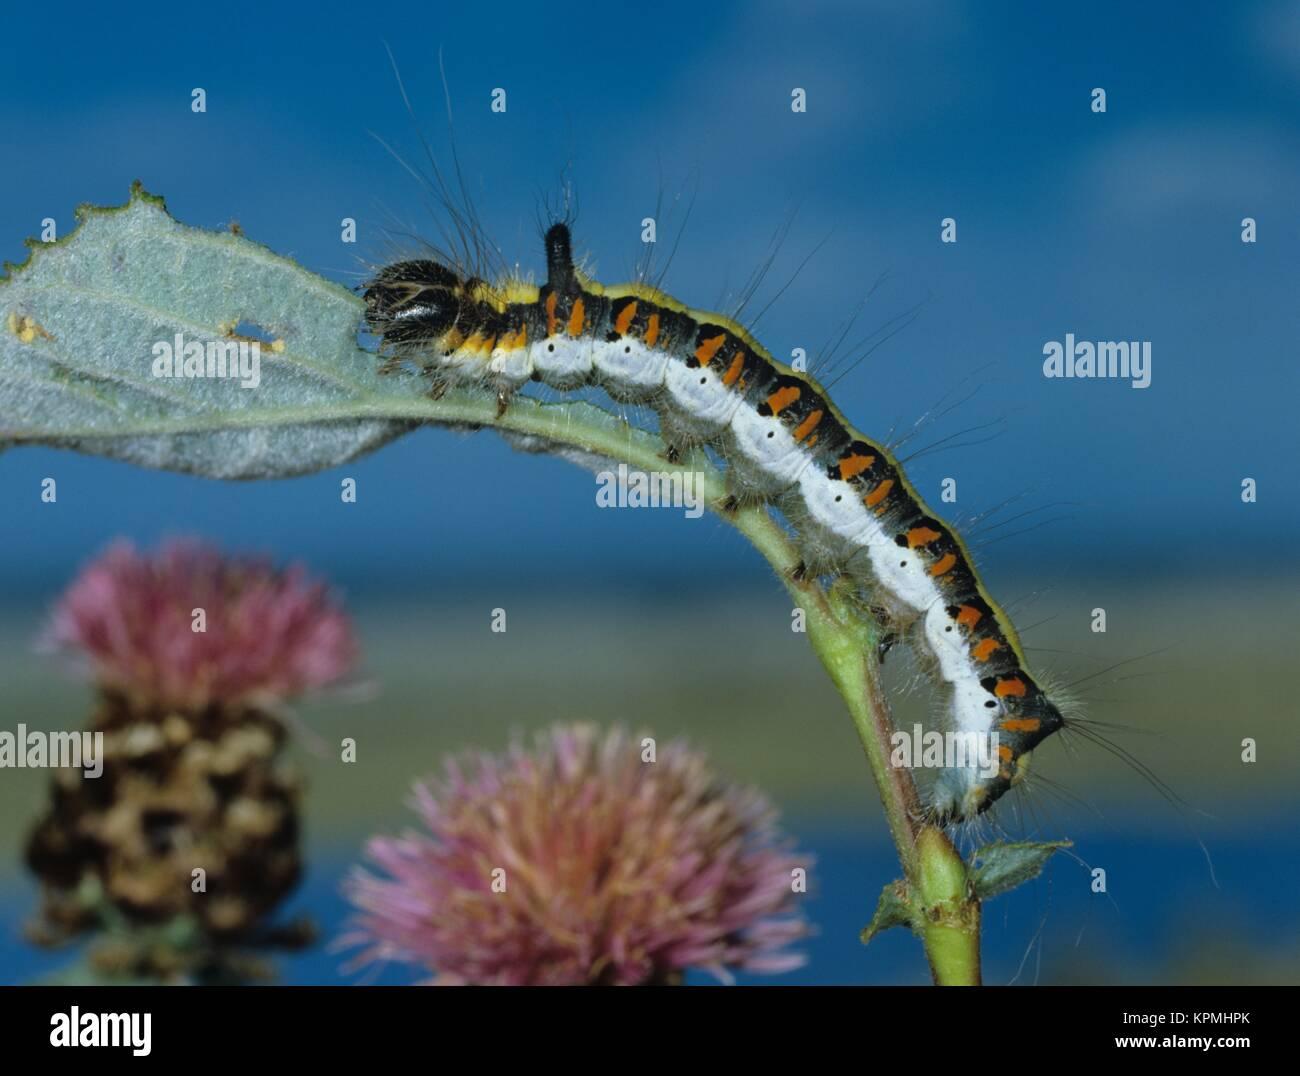 Raupe der Pfeileule, an Salweide fressend, Schmetterling, ein Nachtfalter - Stock Image